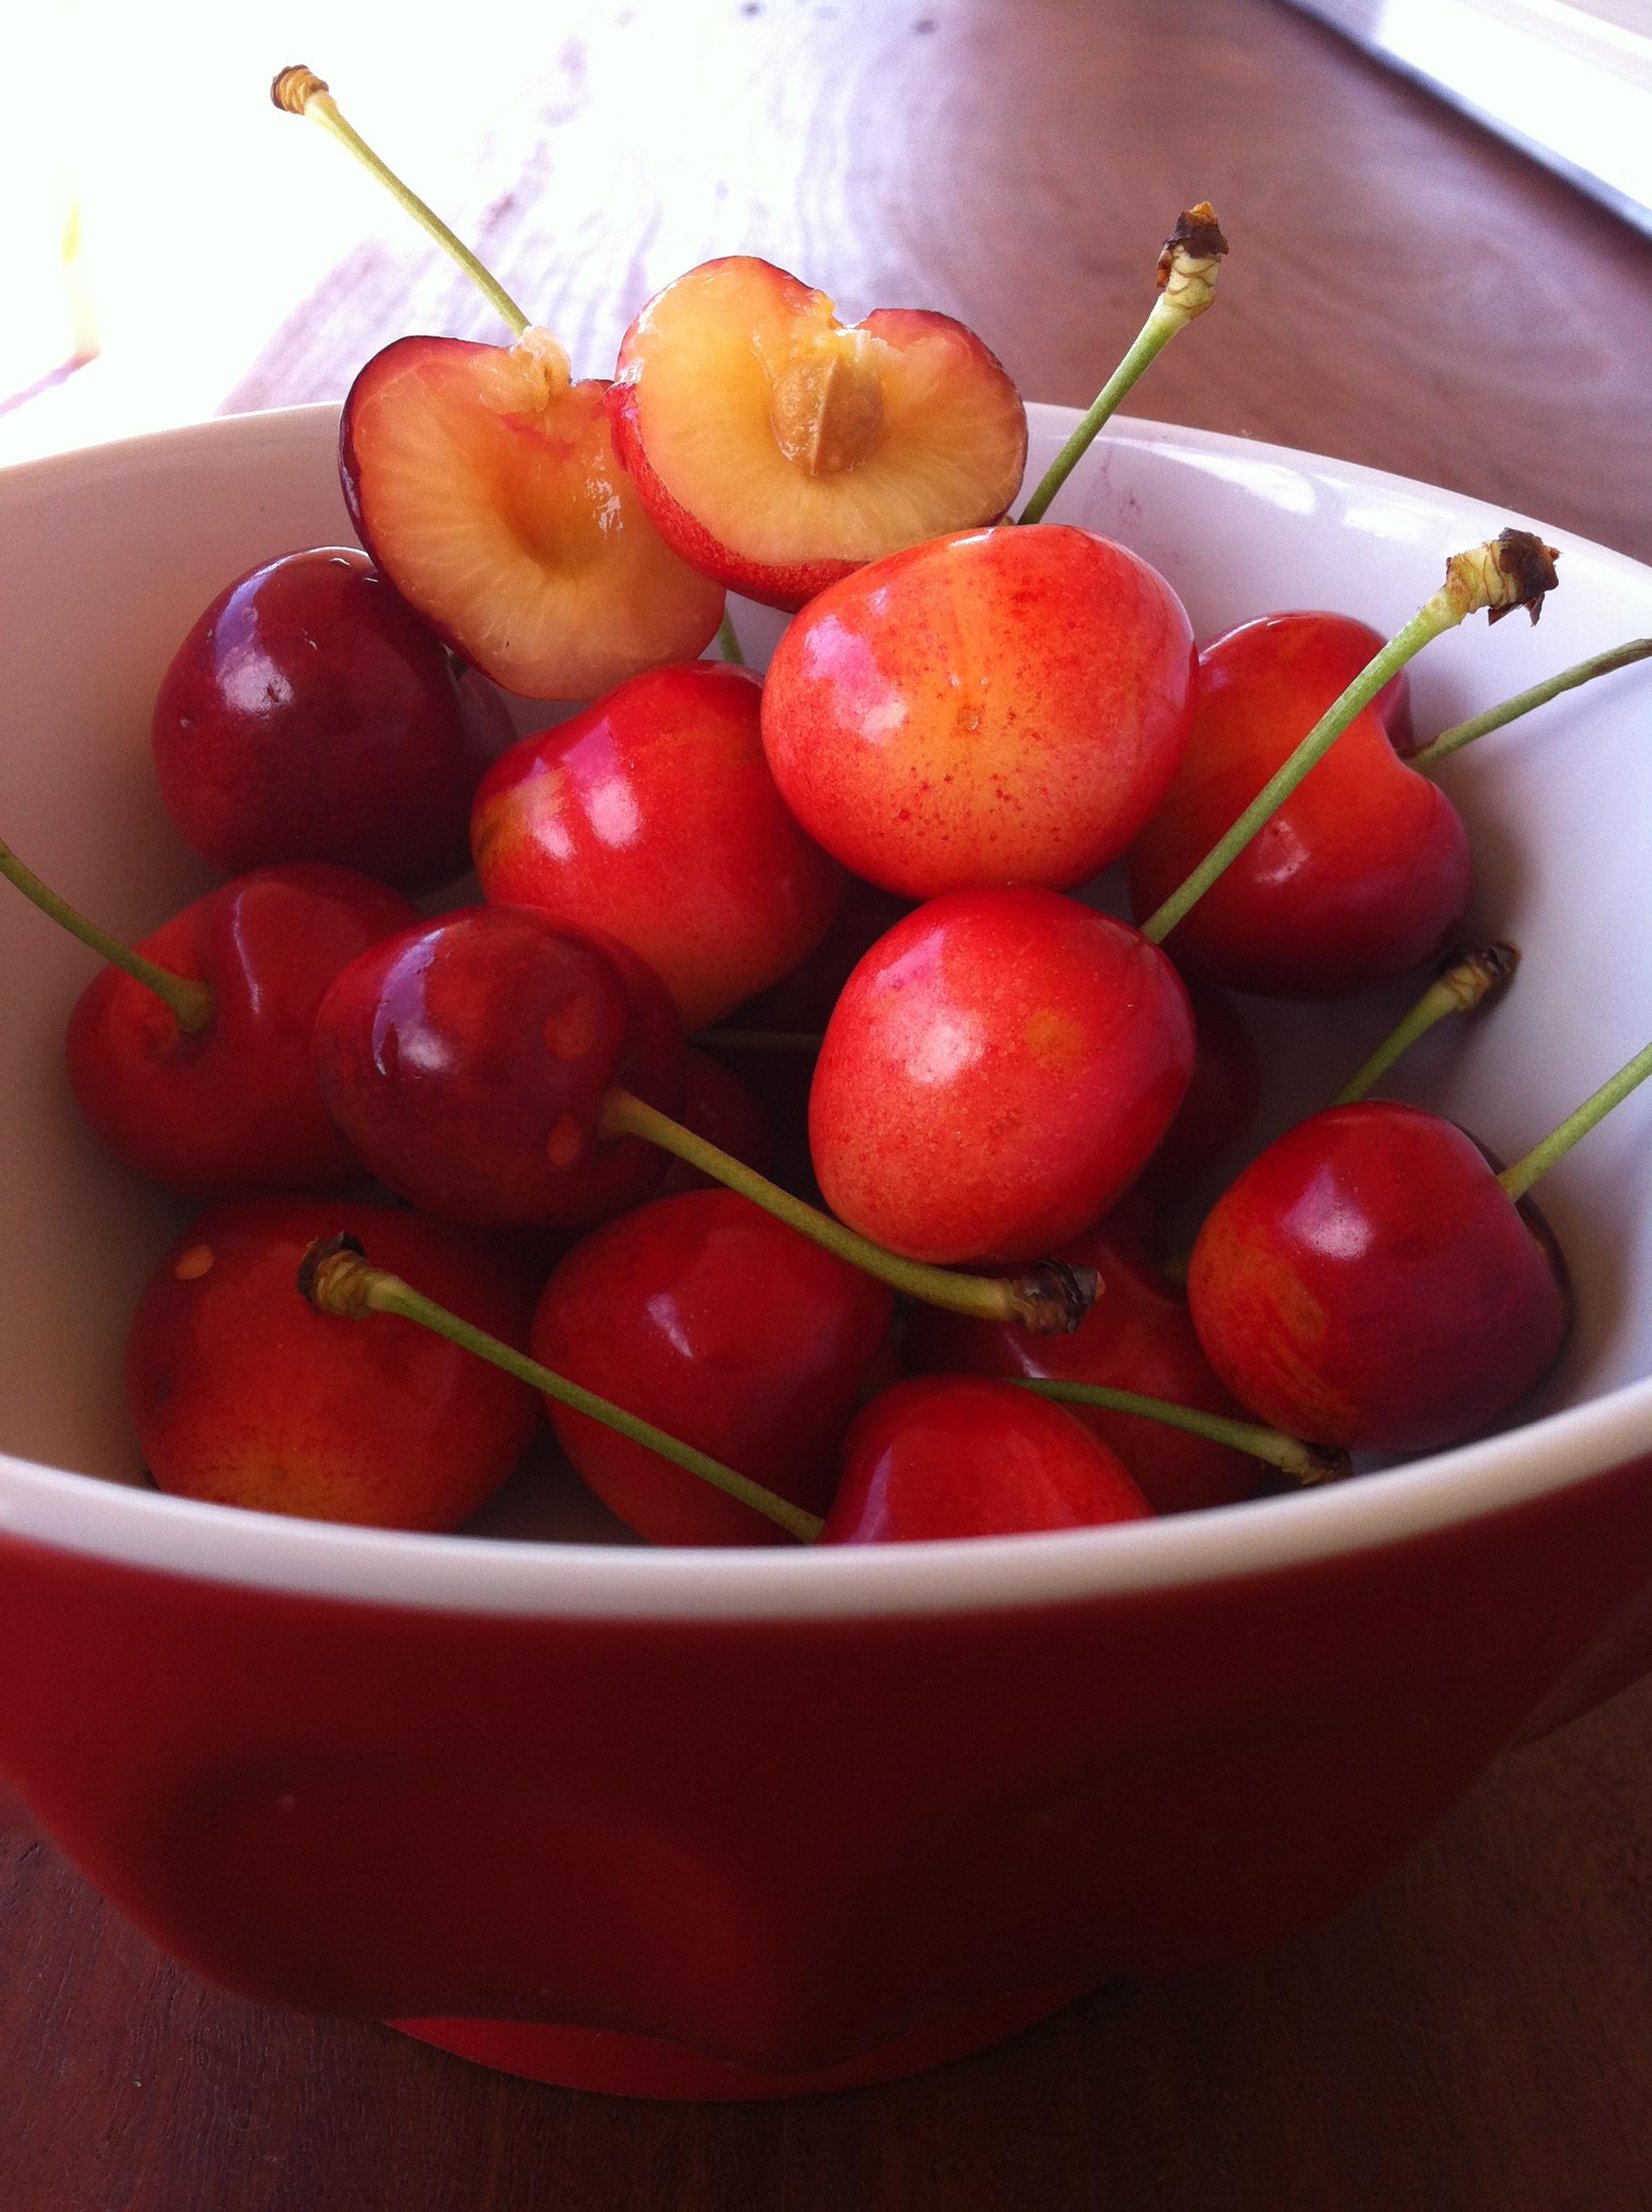 White-fleshed cherries